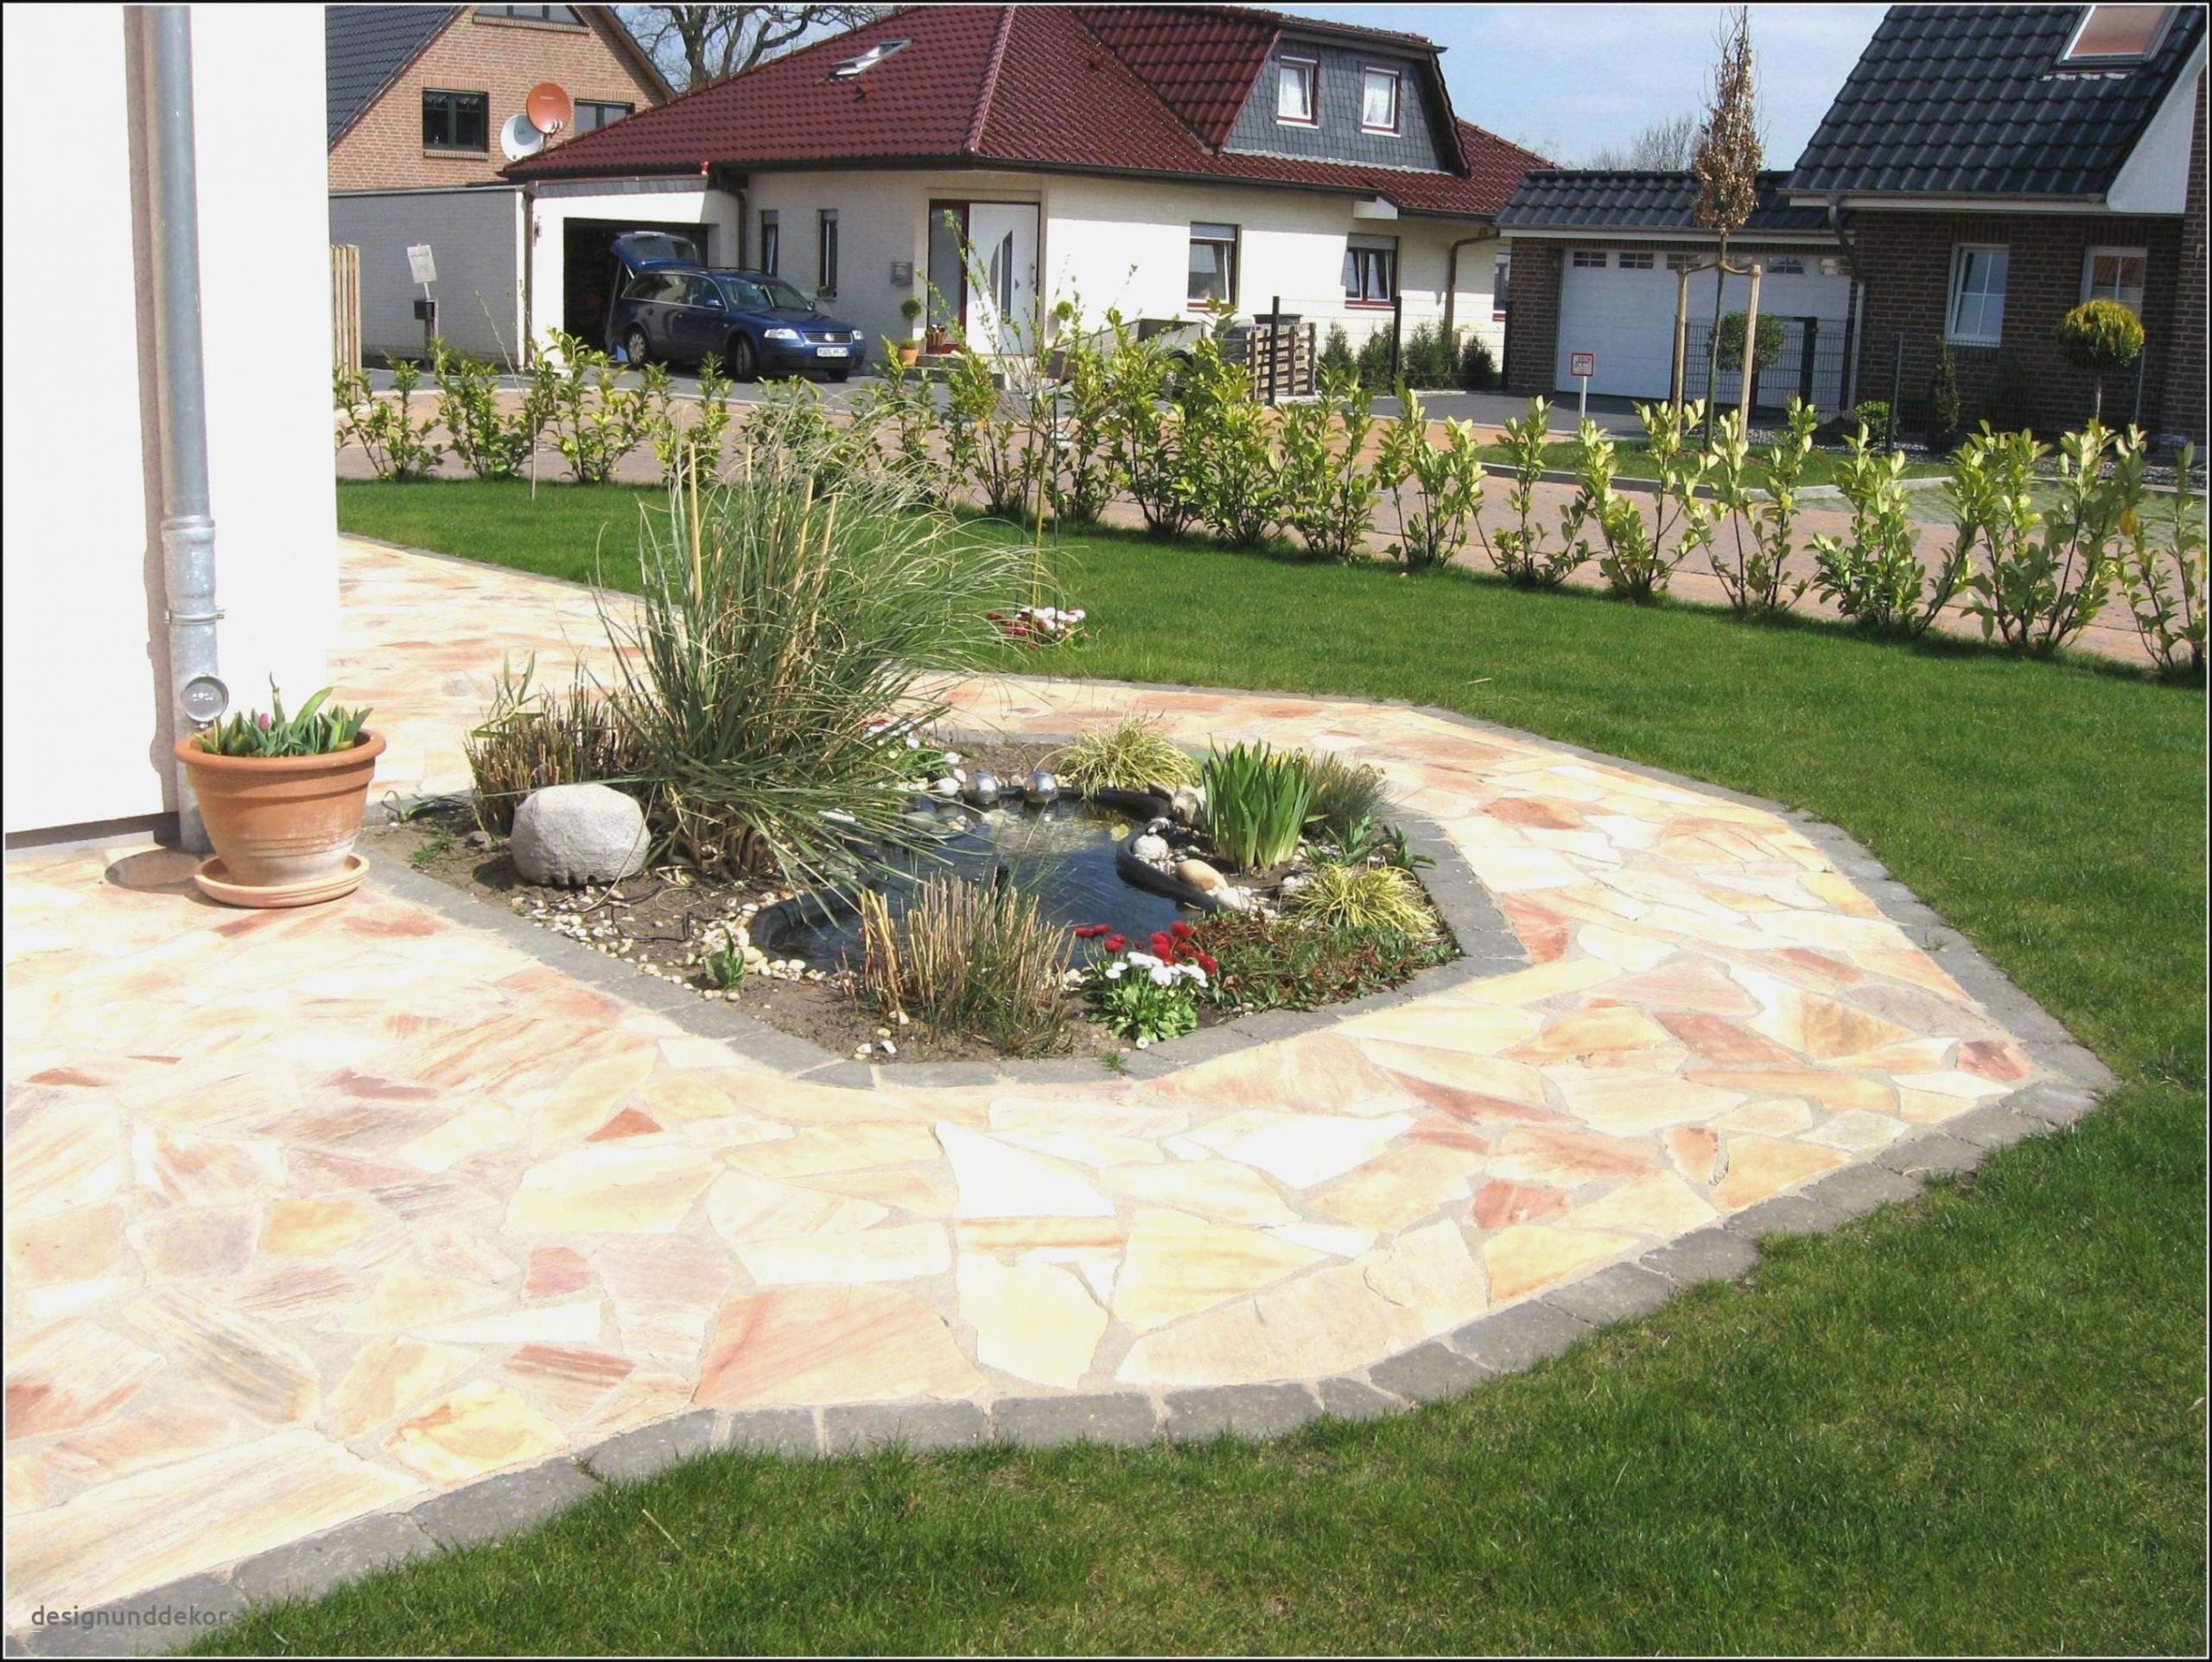 Garten Mit Steinen Anlegen Genial Gartengestaltung Mit Holz Und Stein — Temobardz Home Blog